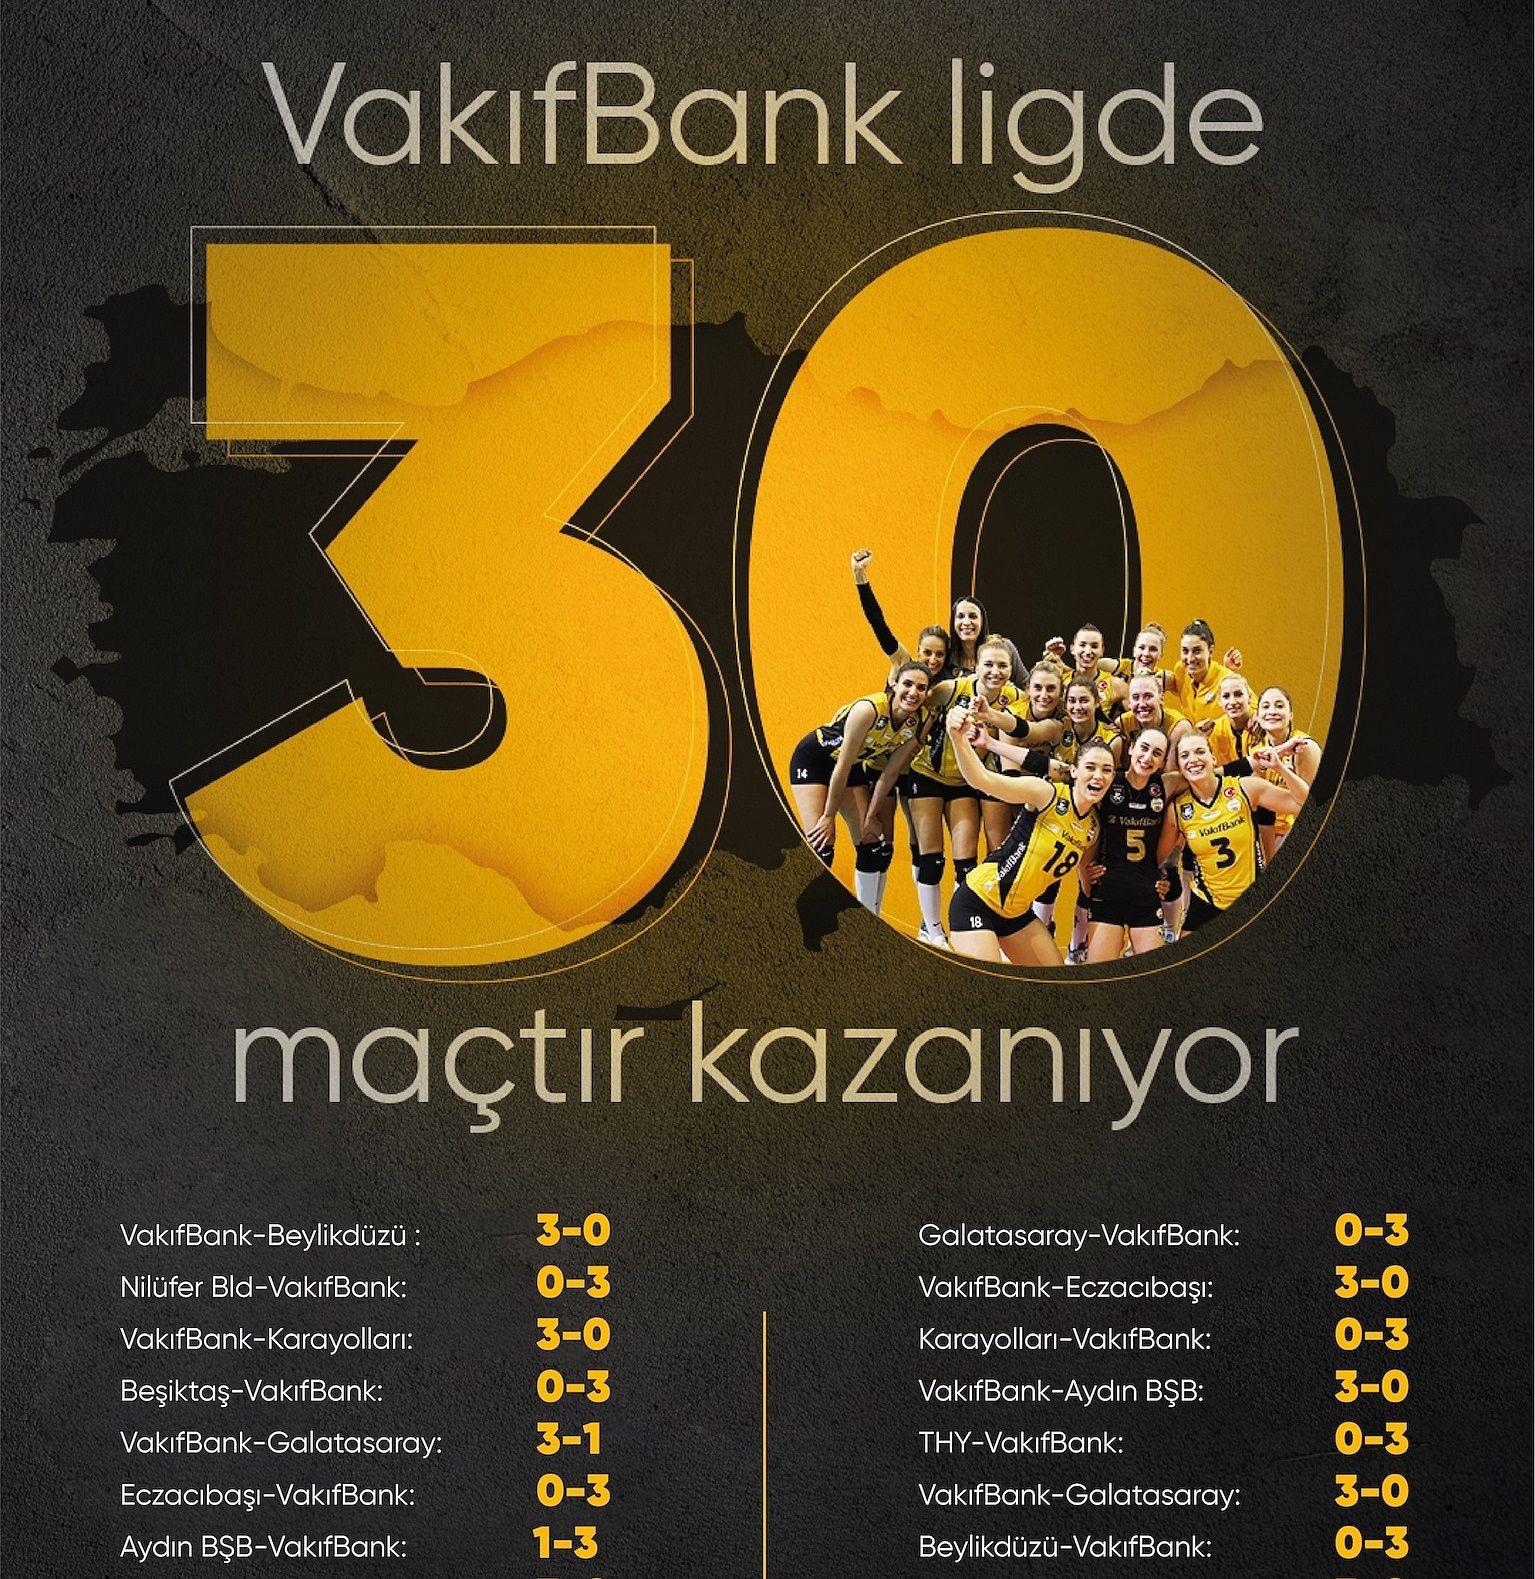 Vakifbank Ligde 30 Mactir Kazaniyor Mac Liderlik 2 Kasim